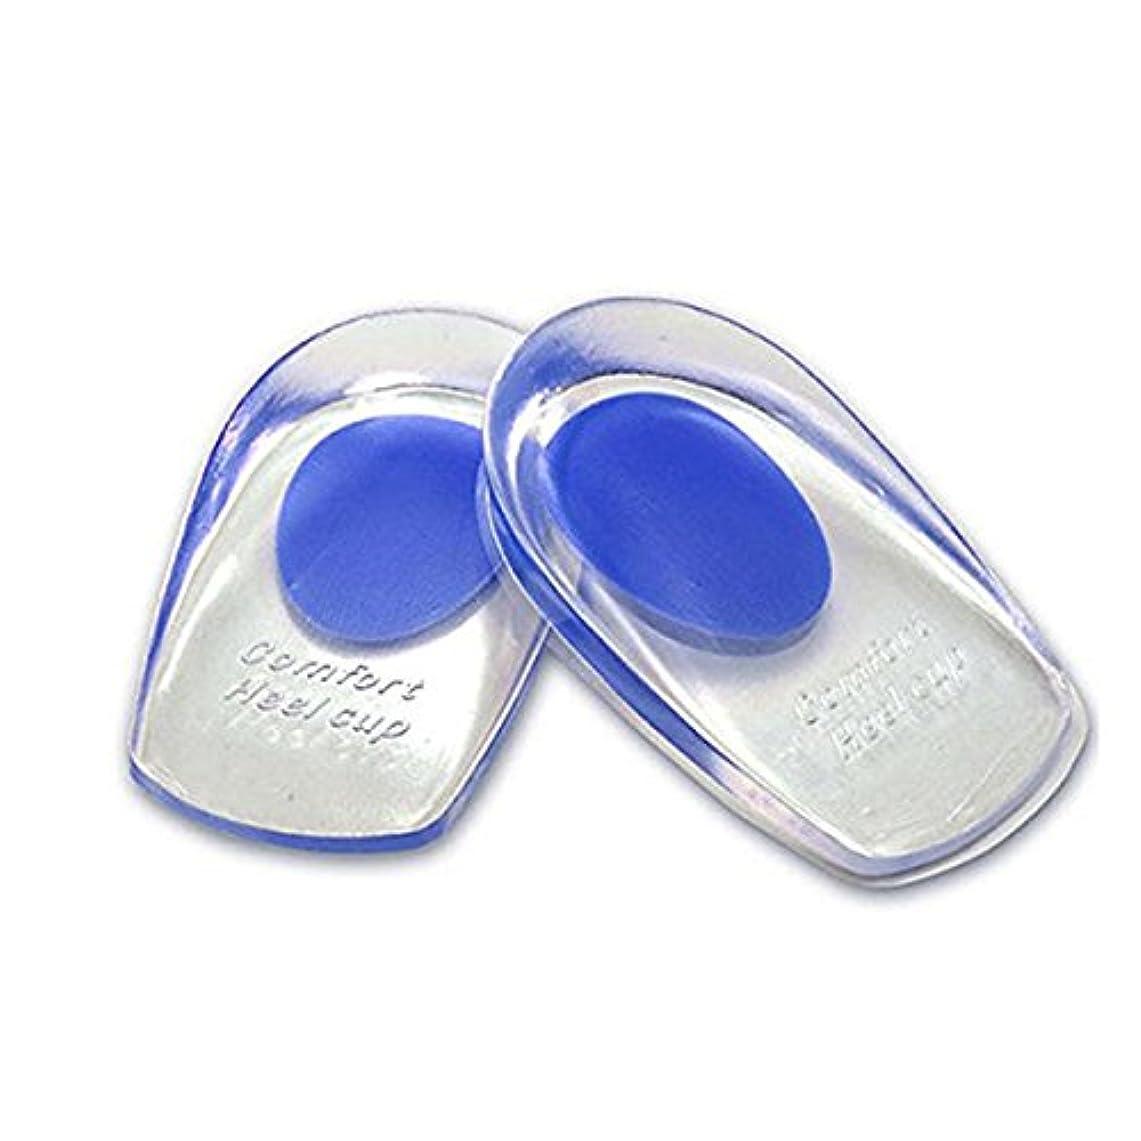 ライトニング割れ目すでにROSENICE かかと インソール ジェル 靴 中敷き クッション パッド 1ペア